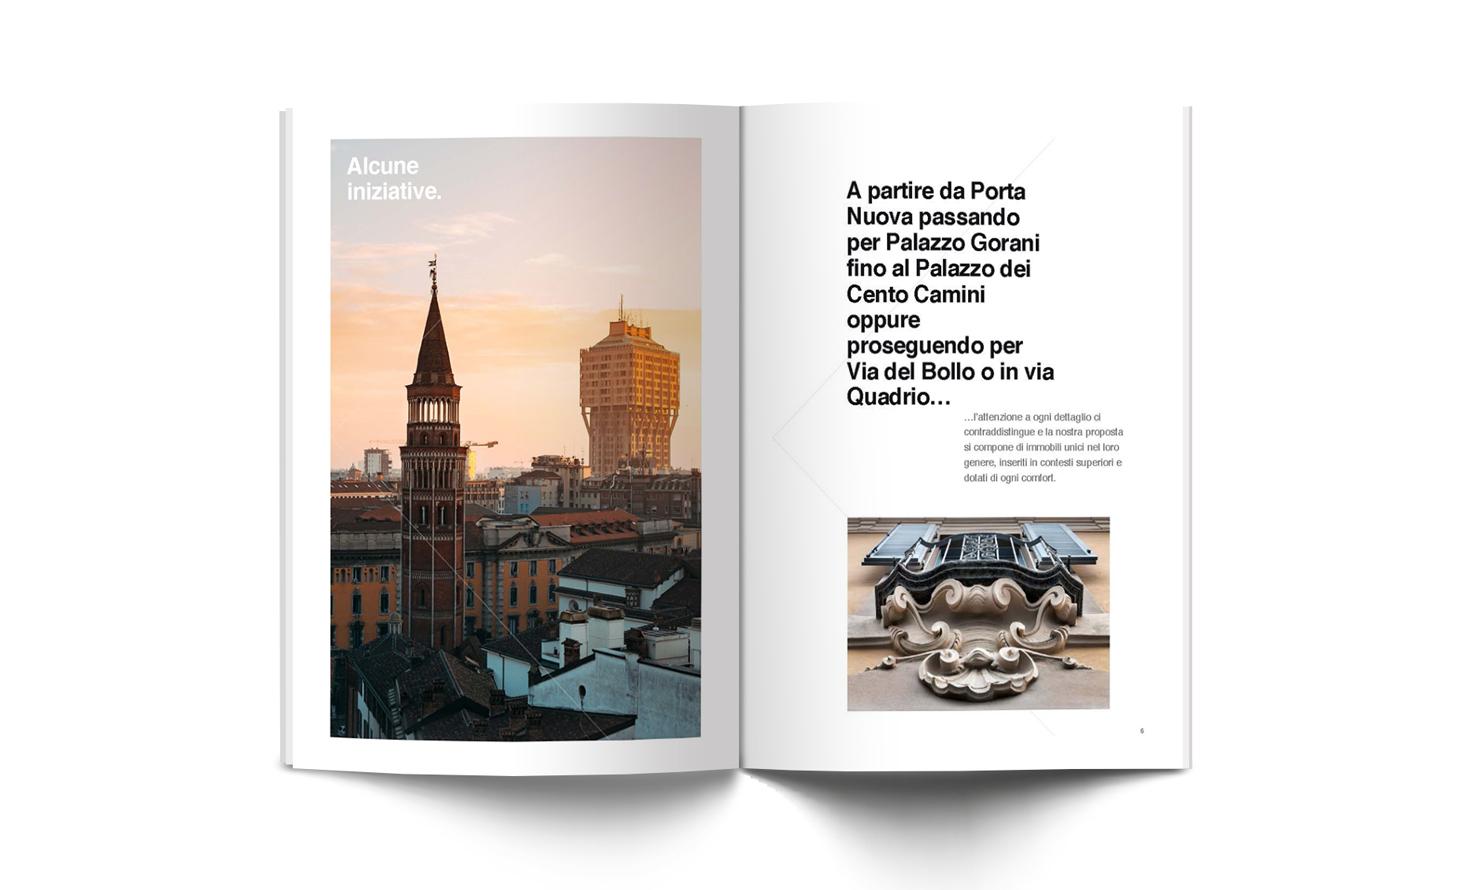 https://www.kubelibre.com/uploads/Slider-work-tutti-clienti/residenze-porta-nuova-agency-il-nostro-nome-dice-molto-di-noi-8.jpg